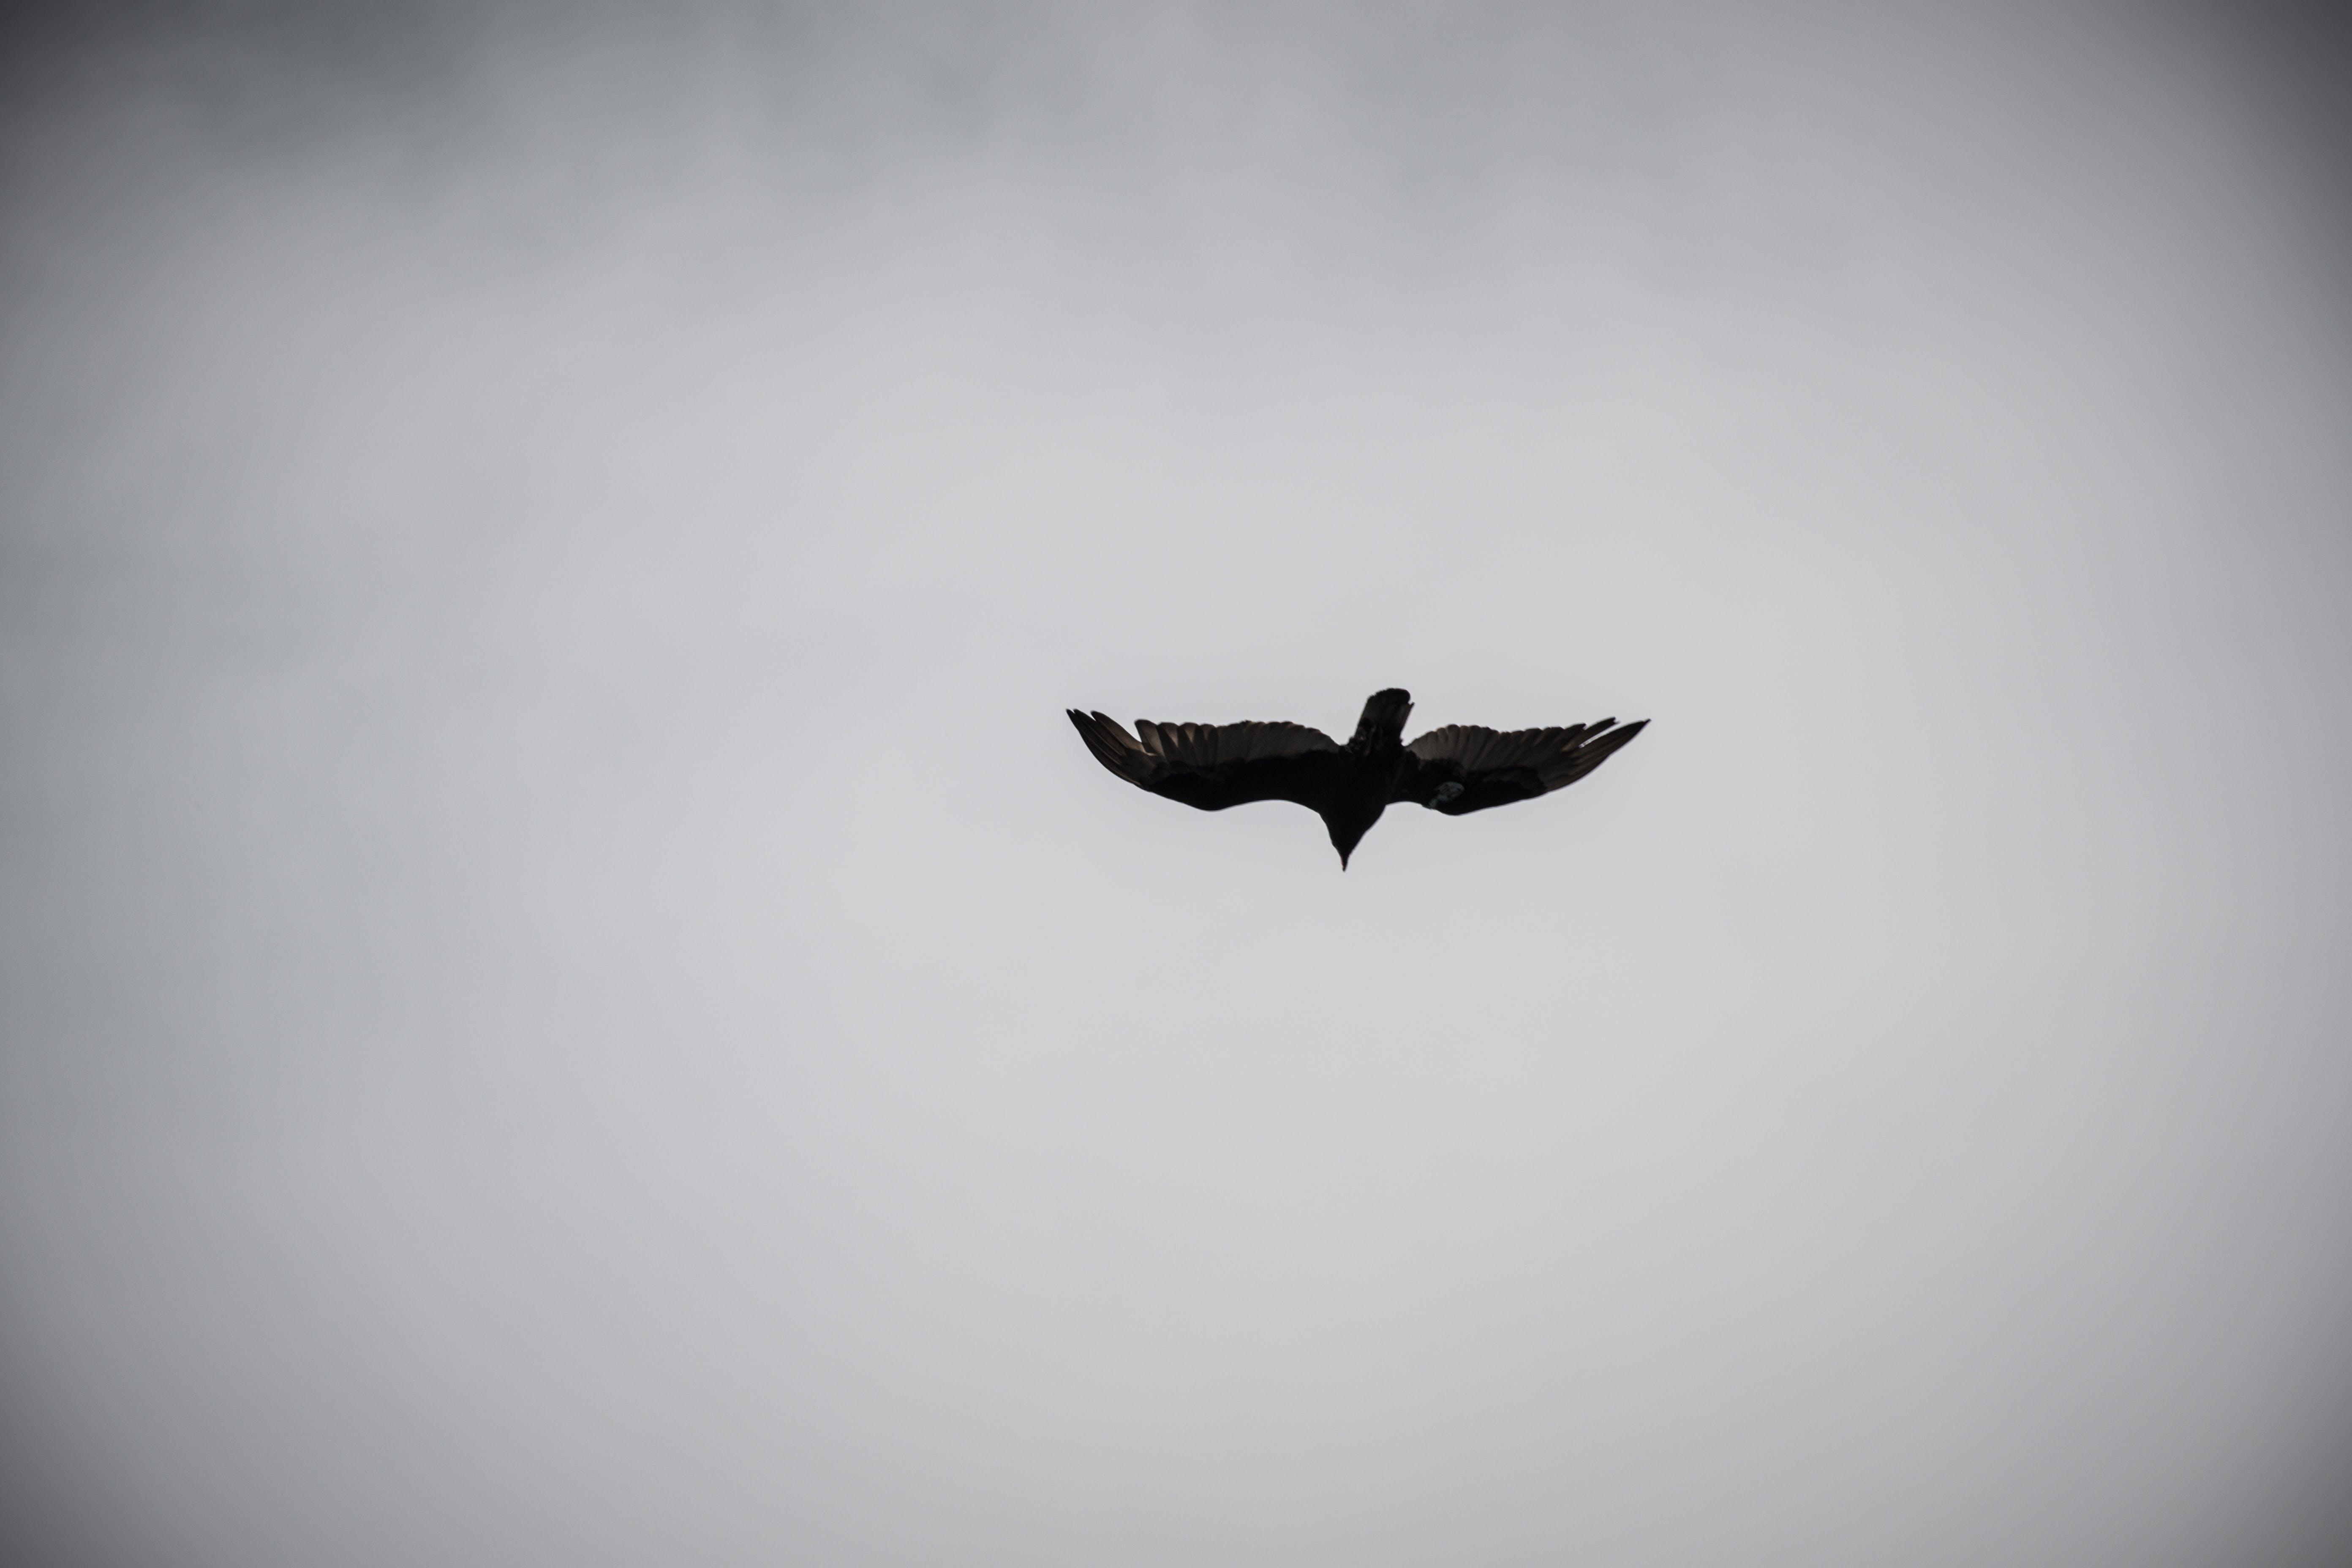 Kostenloses Stock Foto zu adler, fliegen, flug, flügel